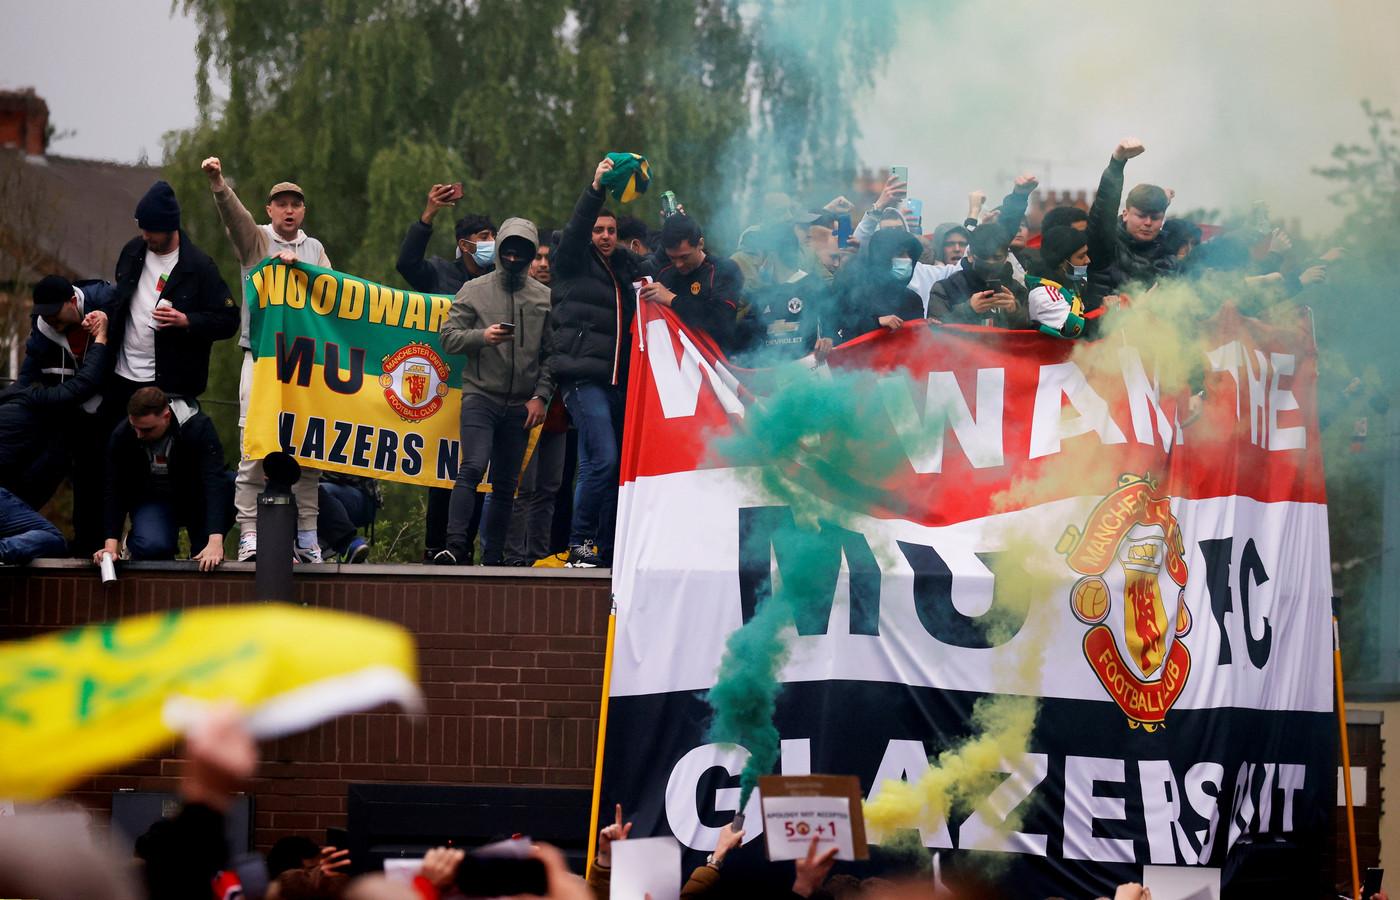 De supporters van Manchester United hebben voor een hevig protest gezorgd. Uiteindelijk moest het duel van hun club met Liverpool op zondag worden uitgesteld.